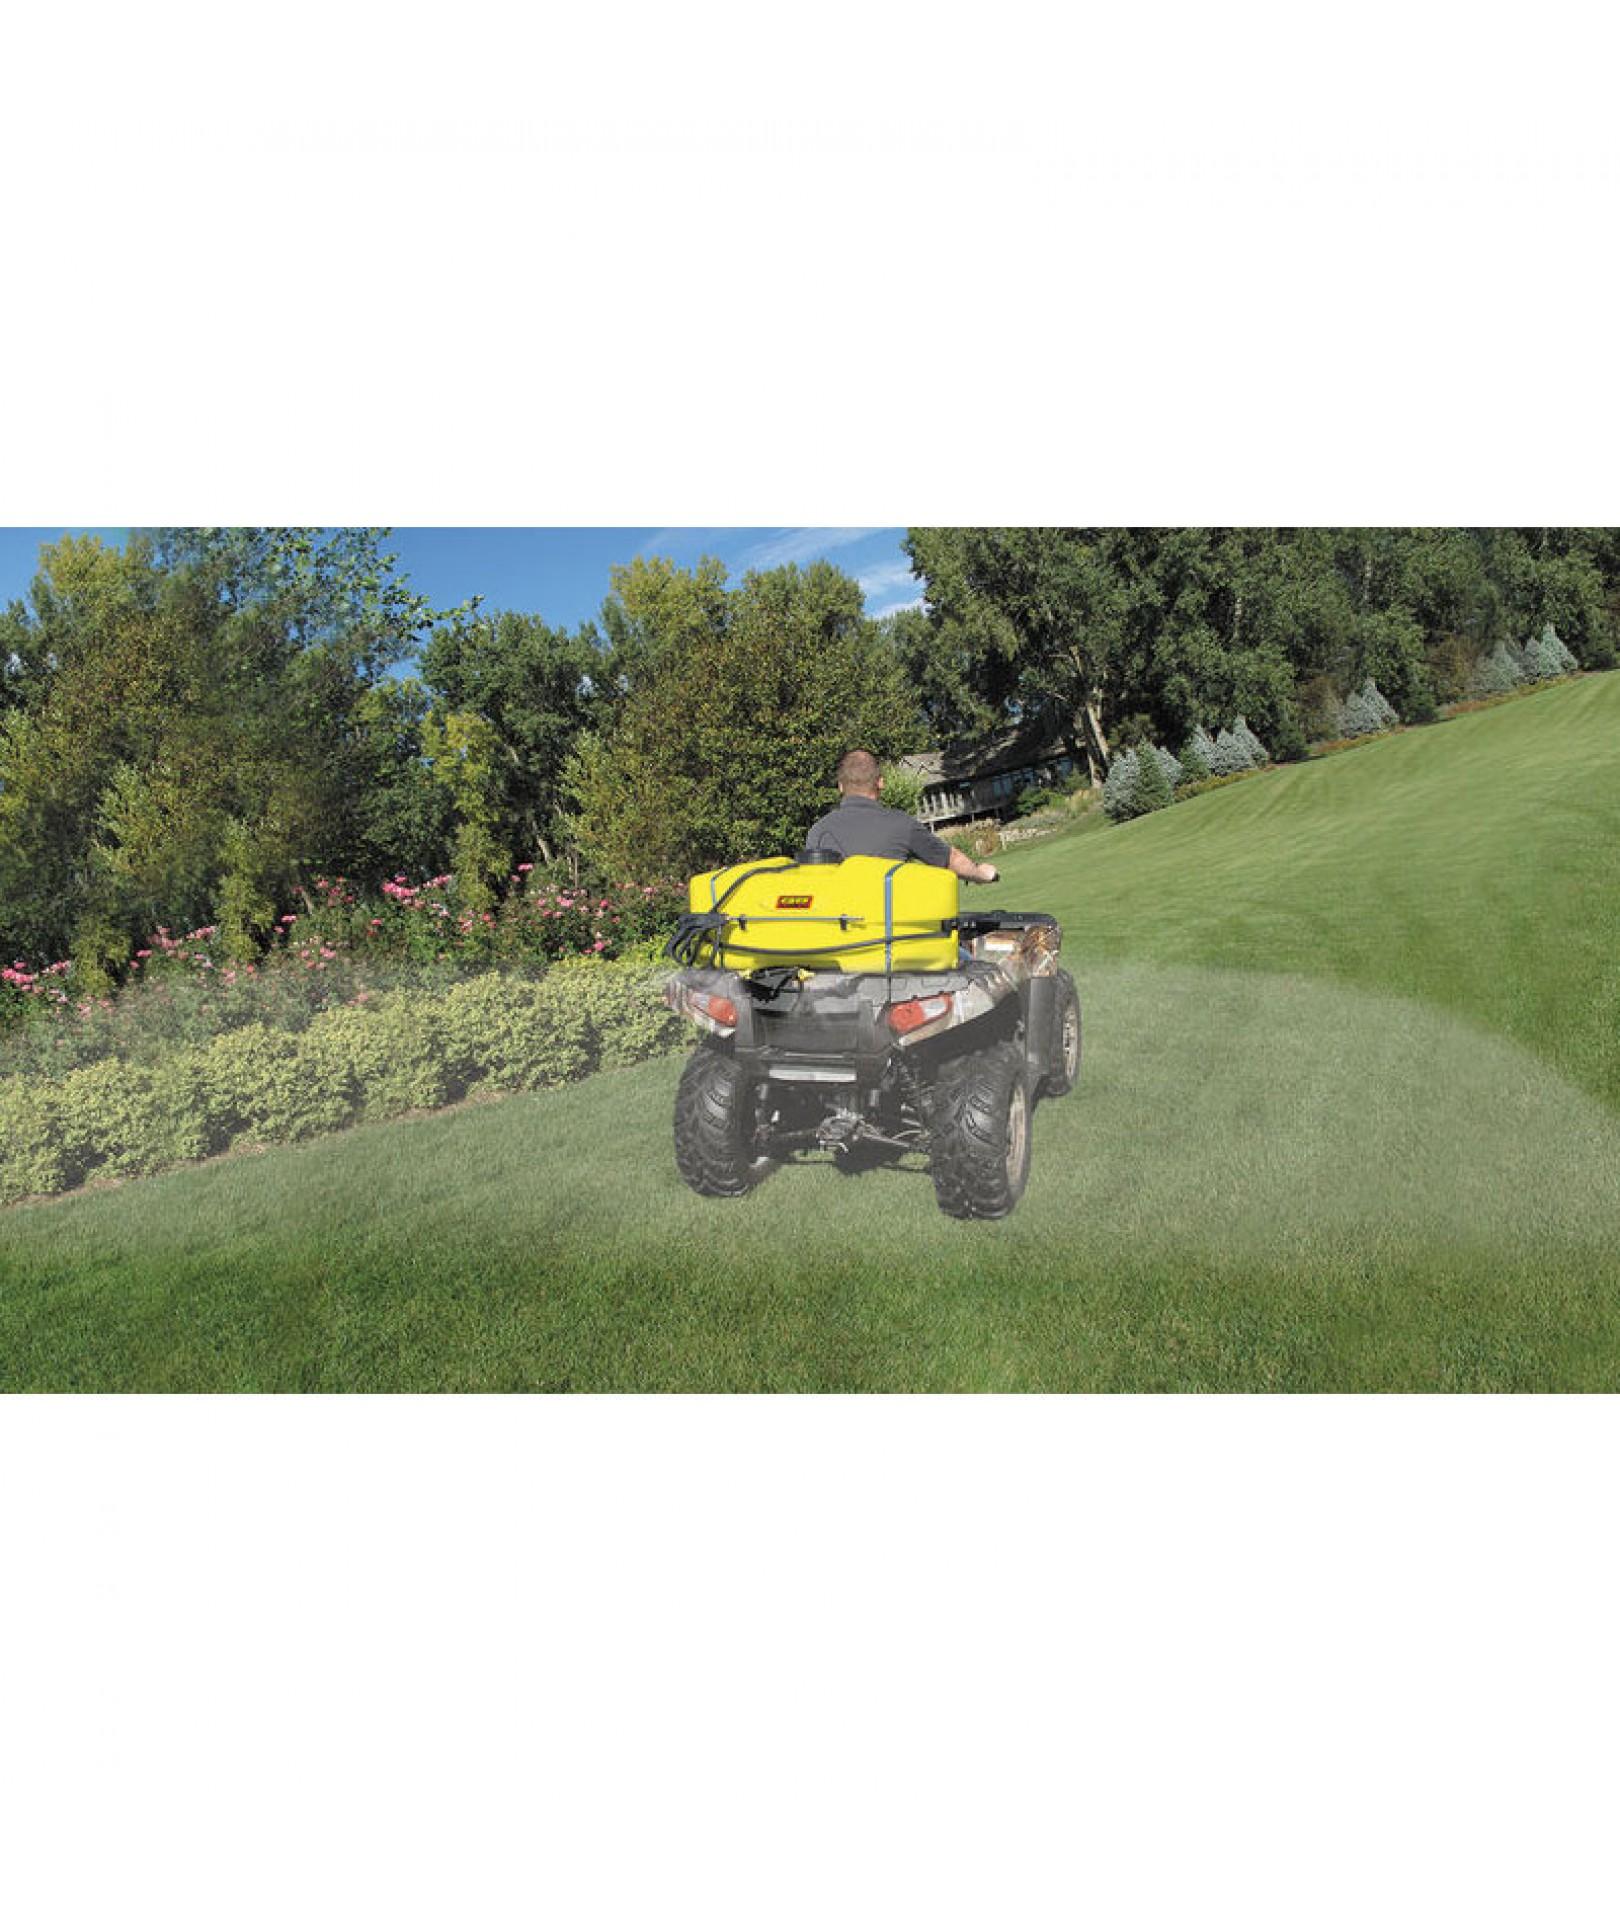 25-Gallon Boomless ATV Sprayer